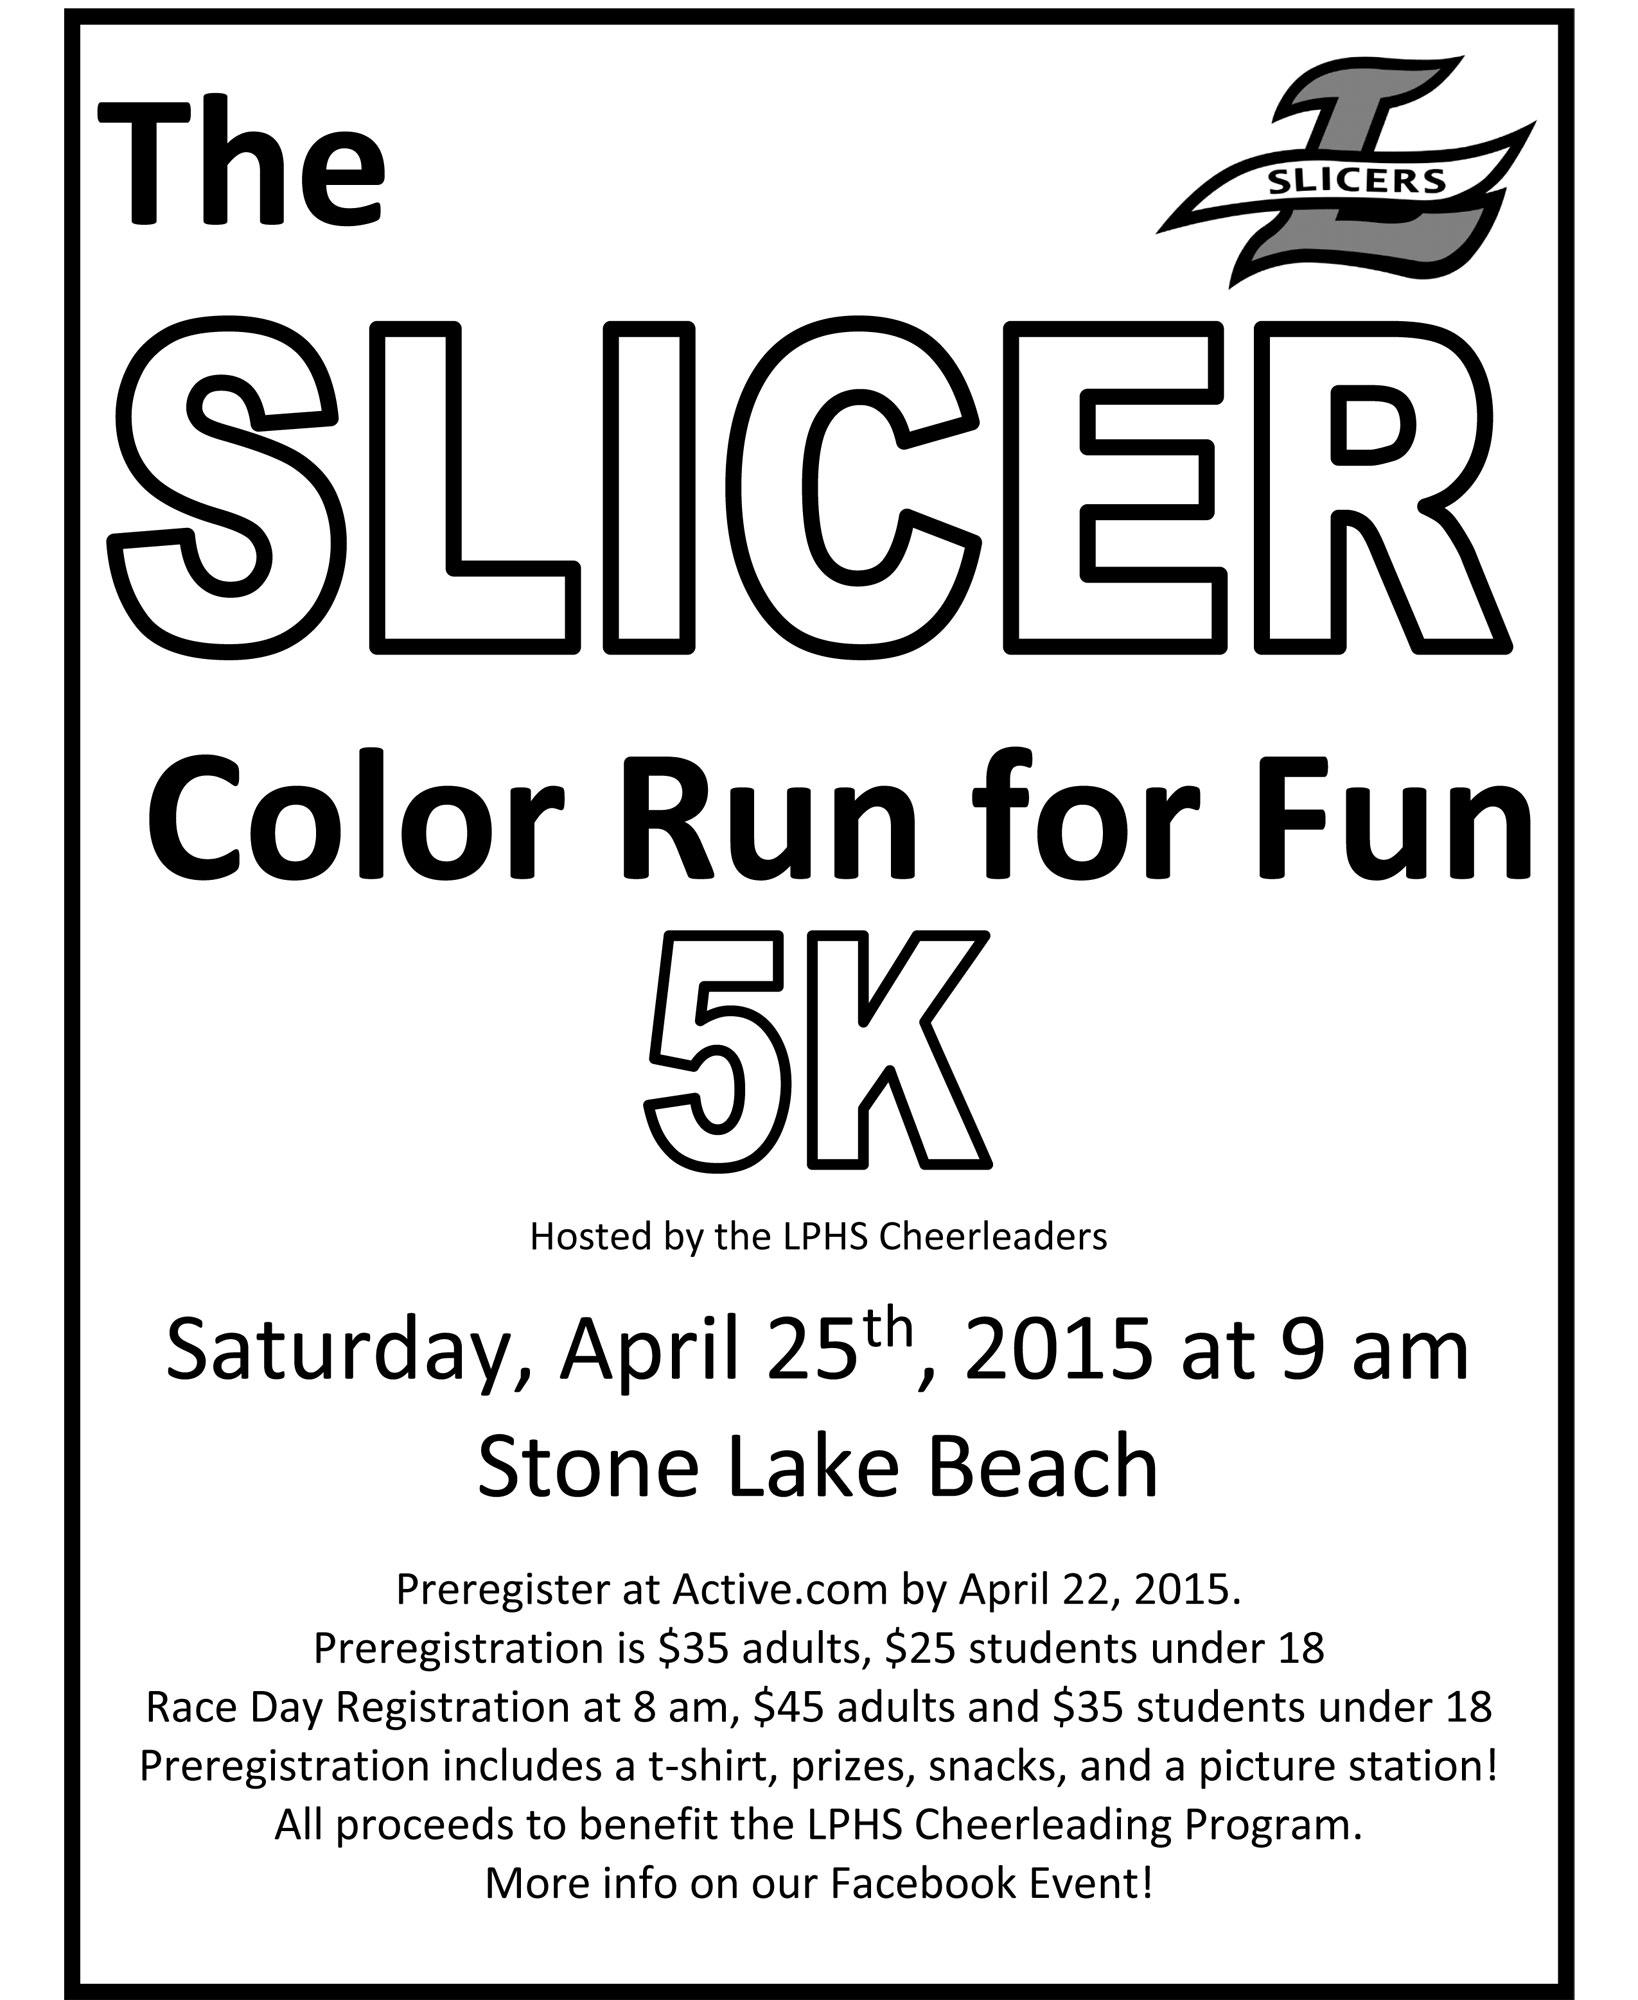 2015-Slicer-Color-Run-Flyer